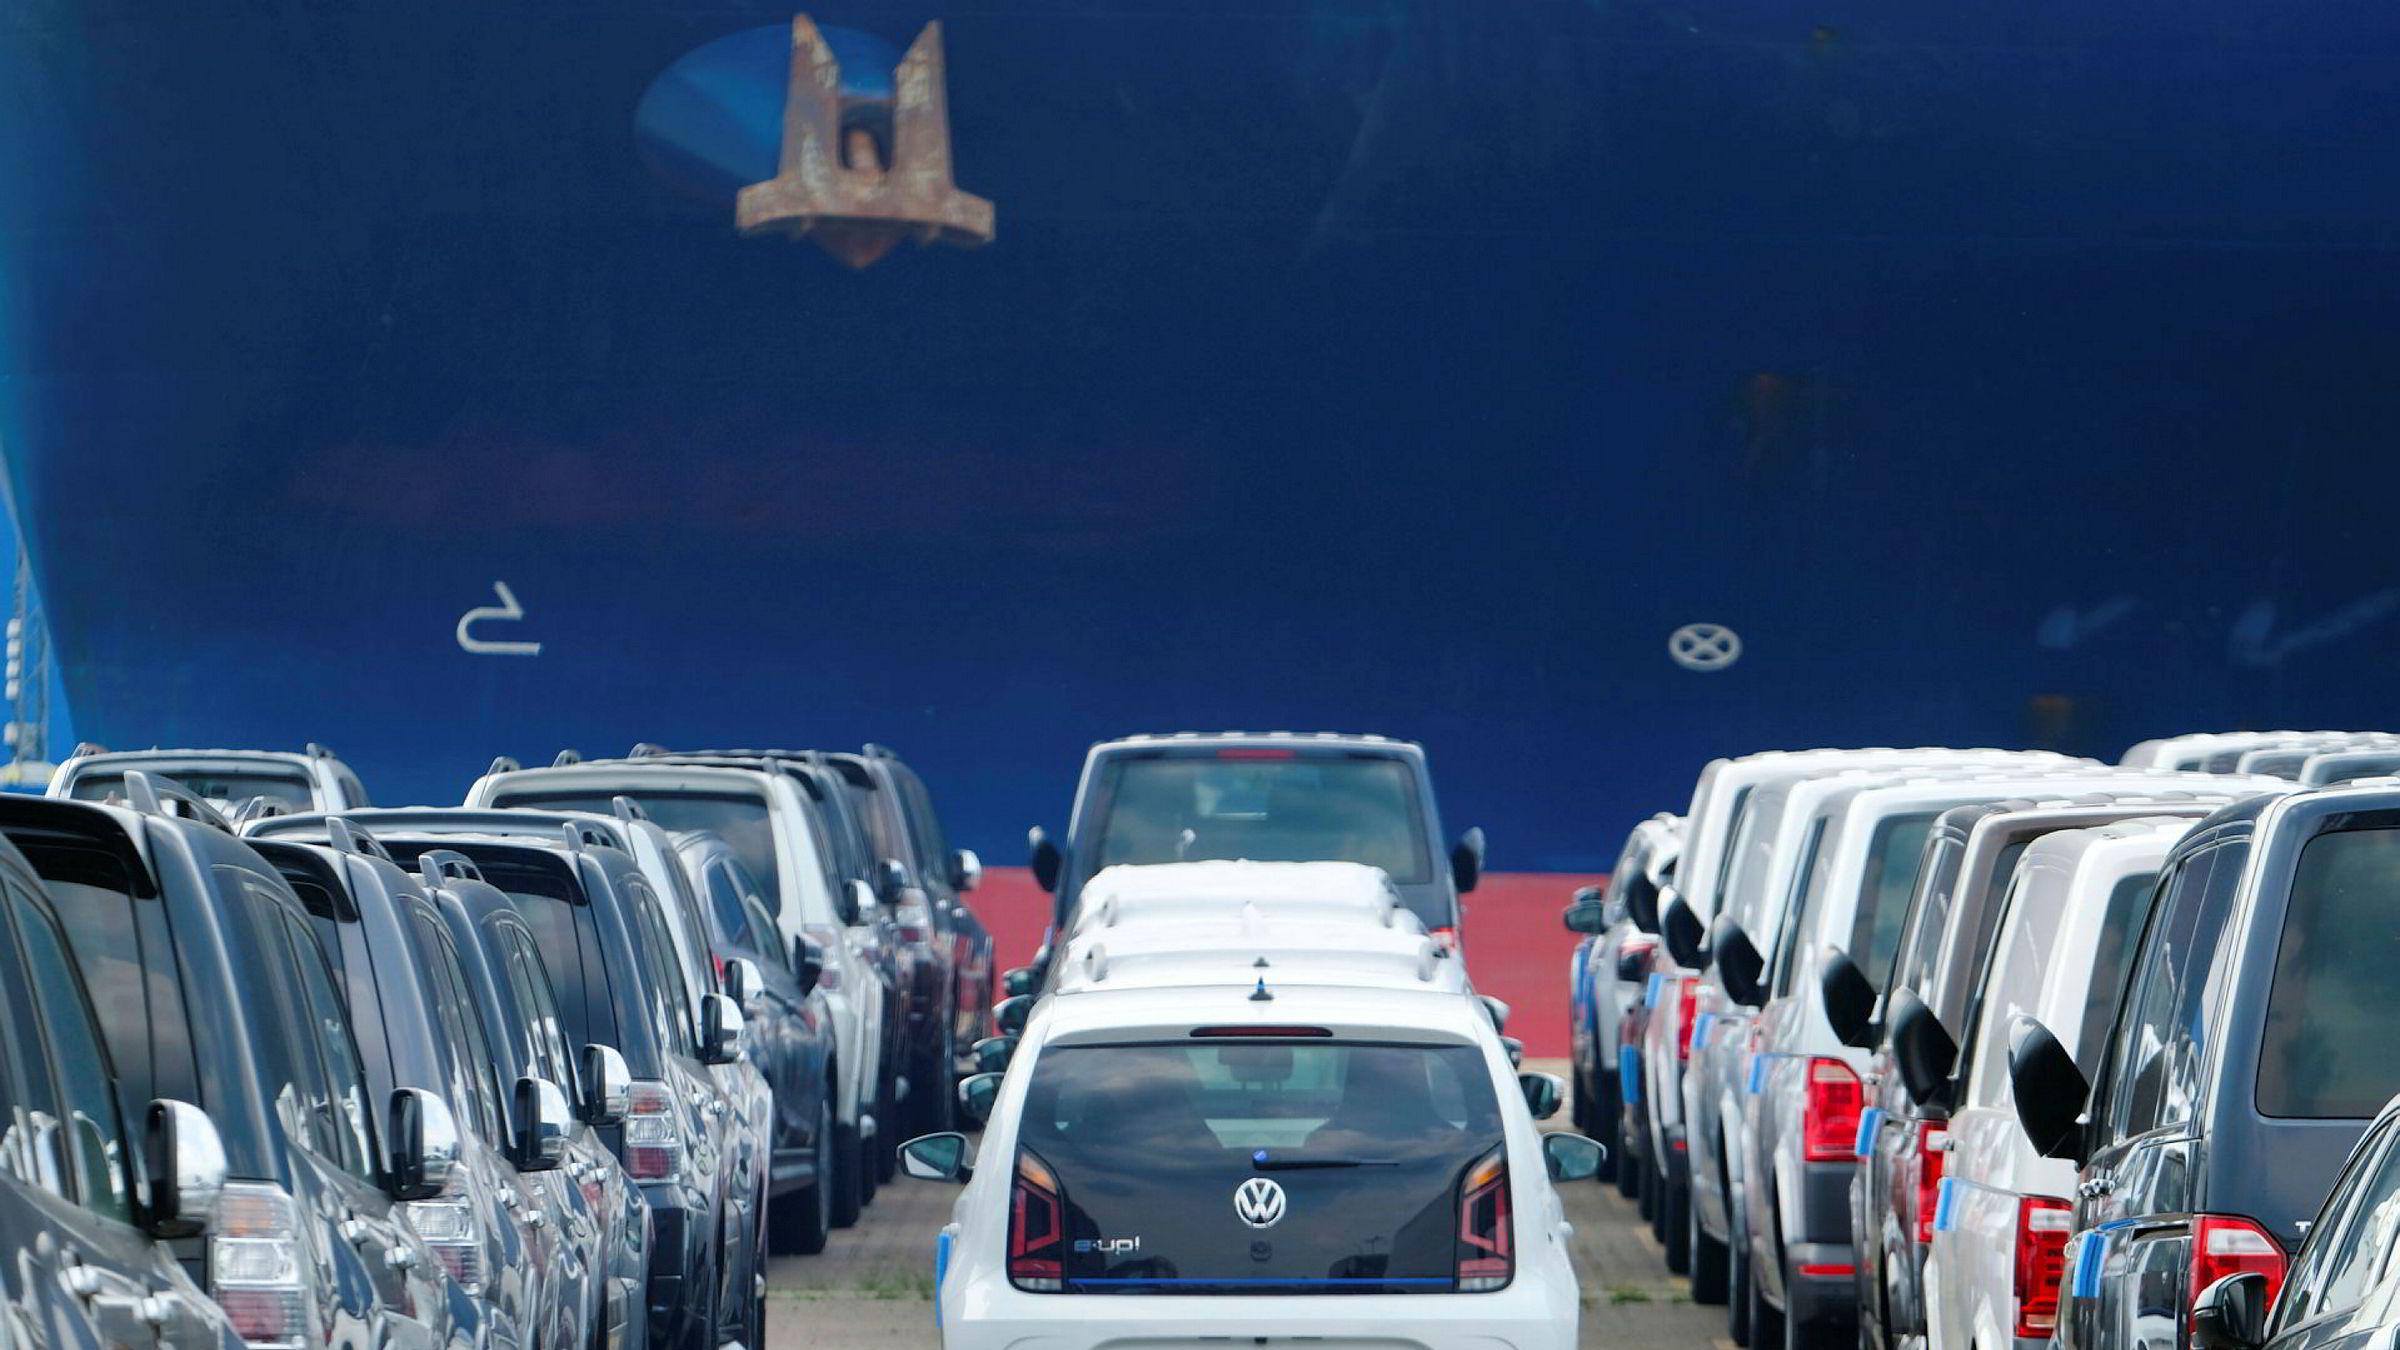 Volkswagen-biler på vei ut til verden fra Bremerhaven nord i Tyskland. Stadig flere av disse er nå elektriske.